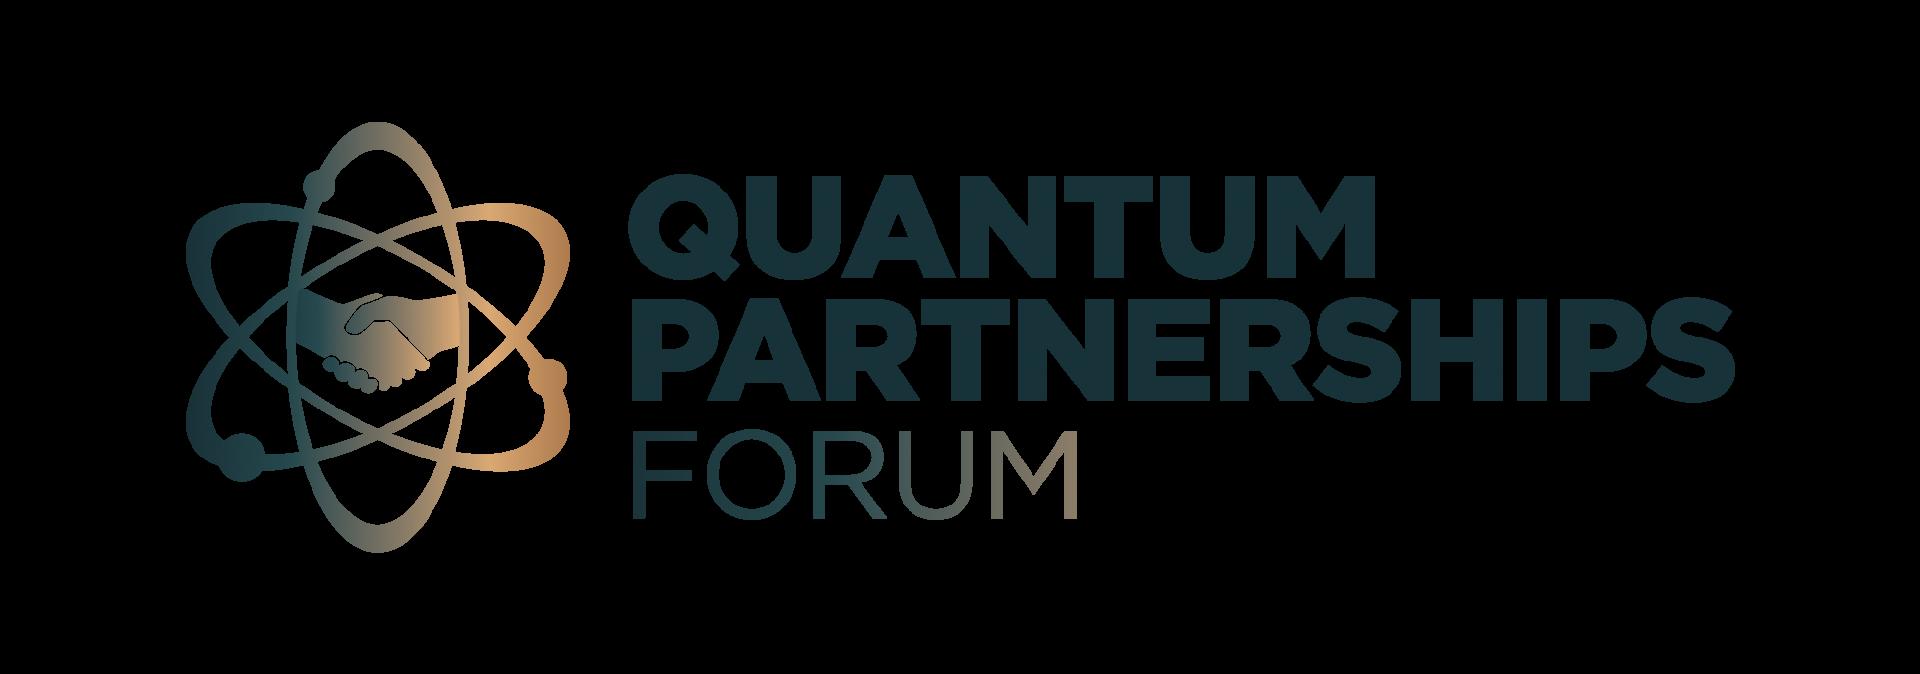 Quantum Partnerships Forum 2021